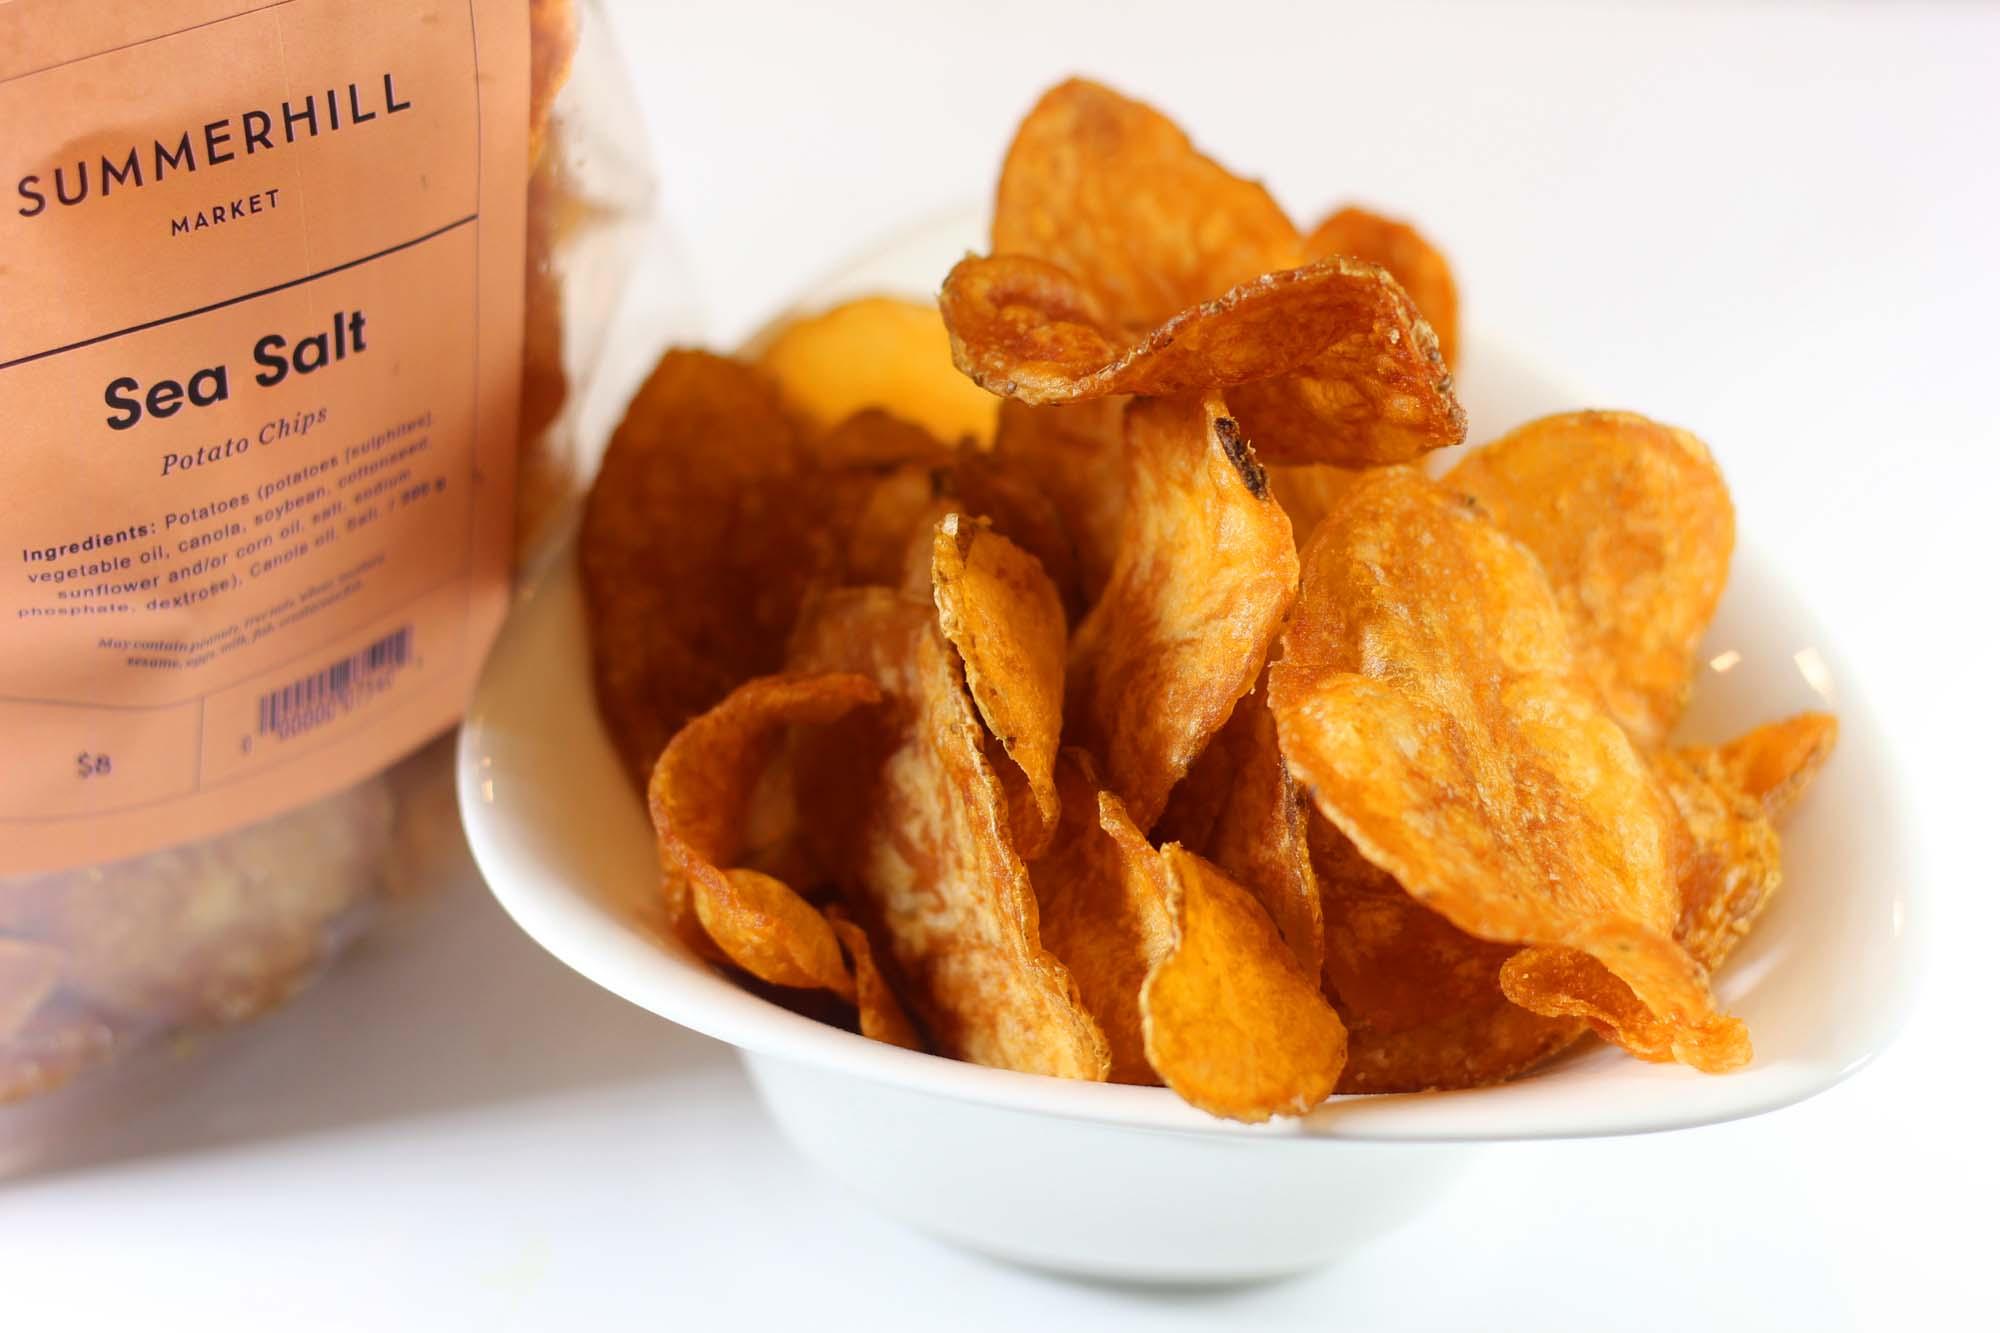 Heavenly Potato Crisps